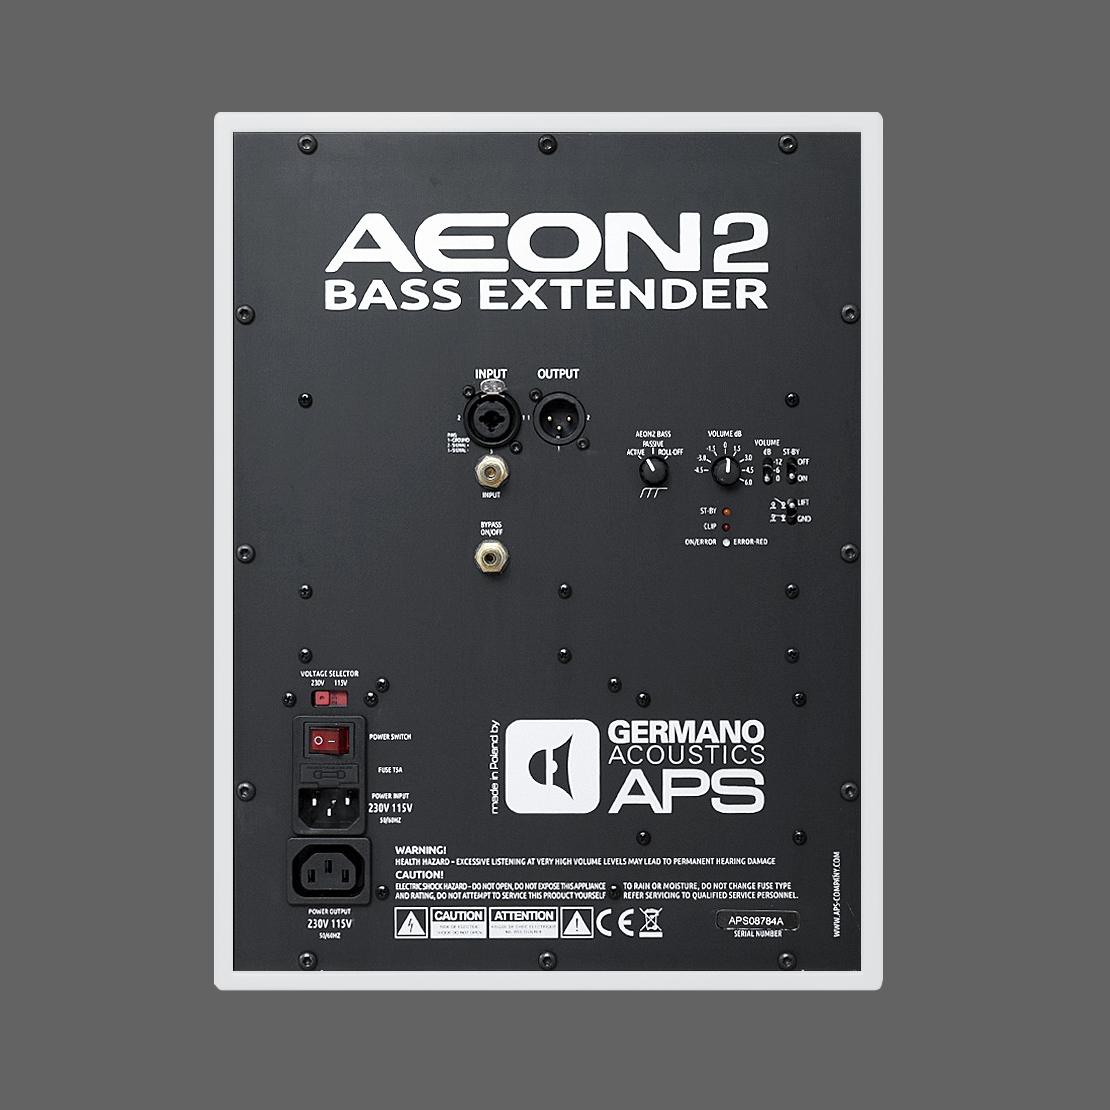 APS Aeon 2 Bass Extender